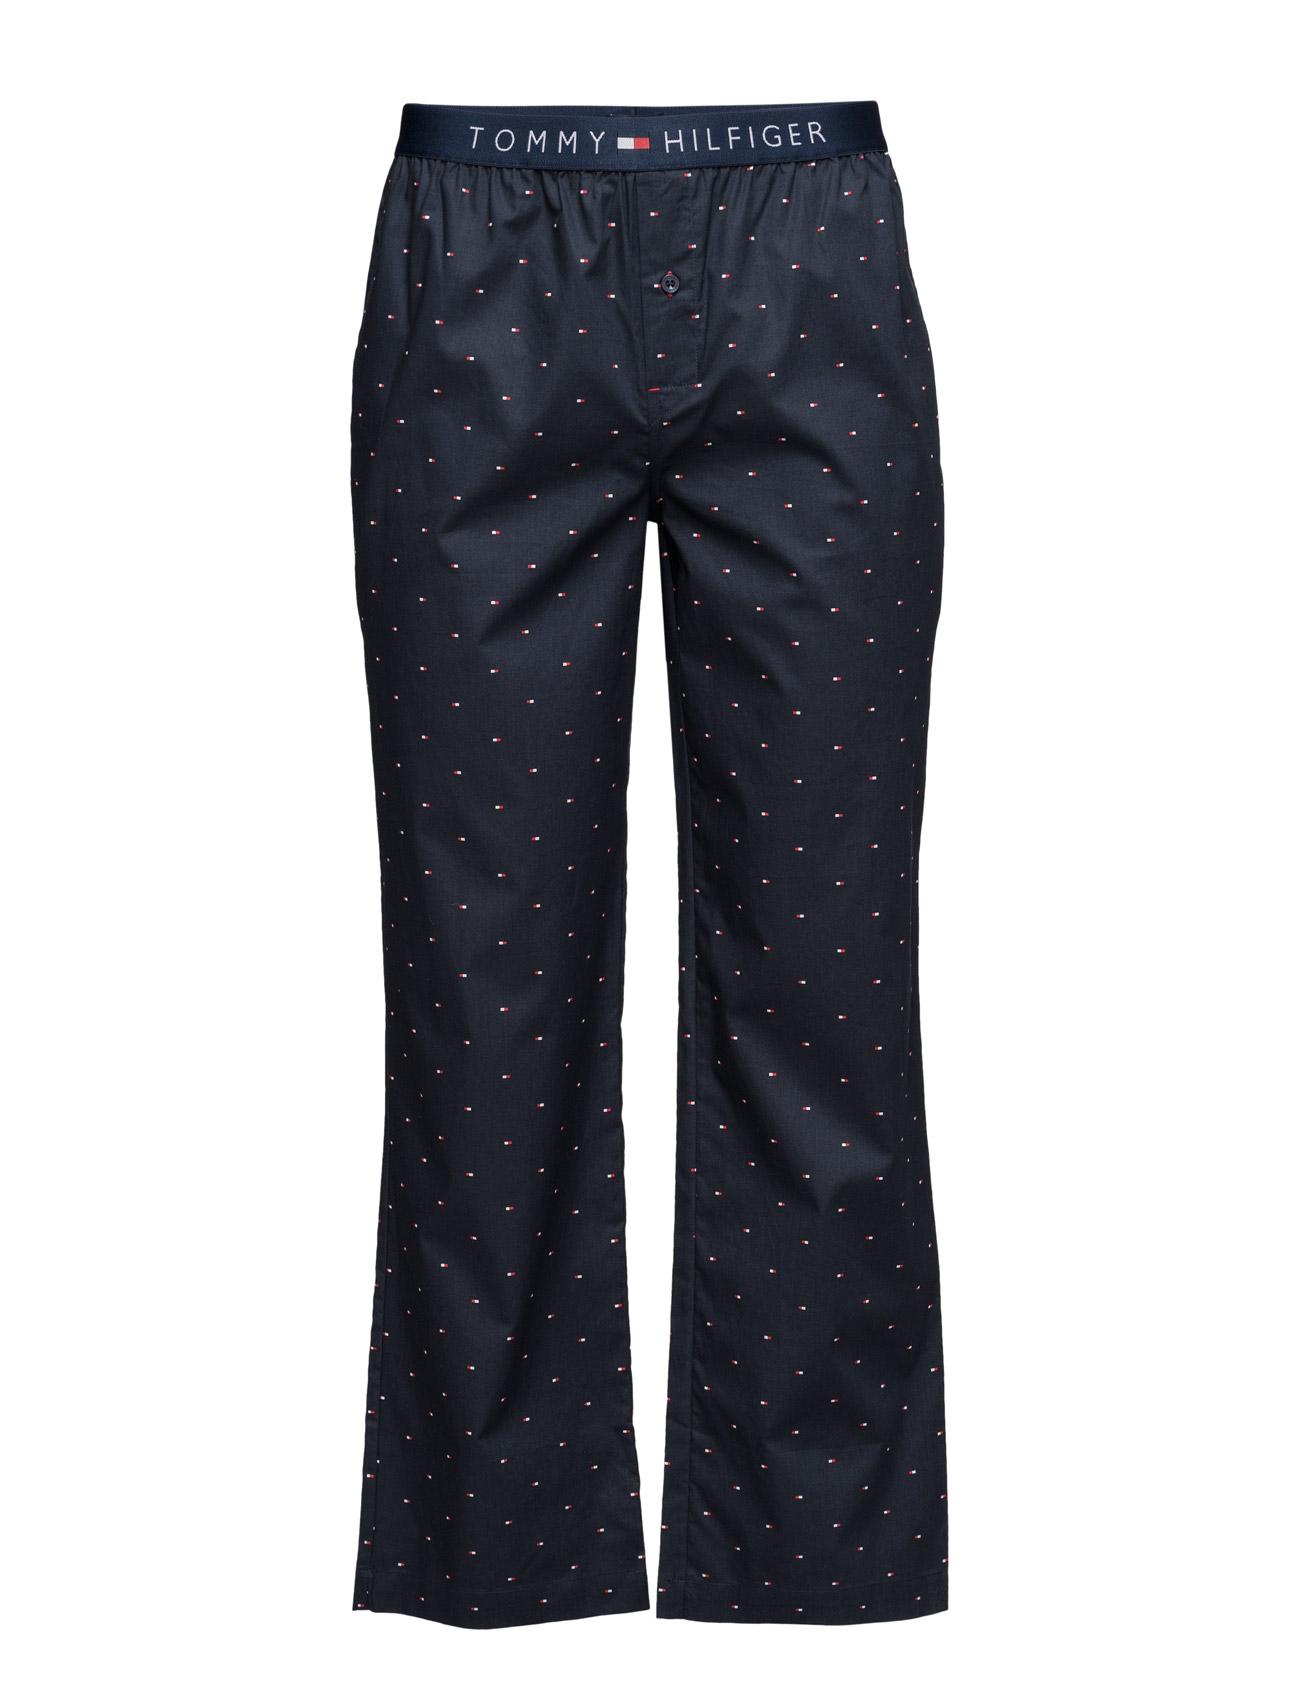 Icon Woven Pant Mini Flag Tommy Hilfiger Nattøj & Loungewear til Herrer i Blå